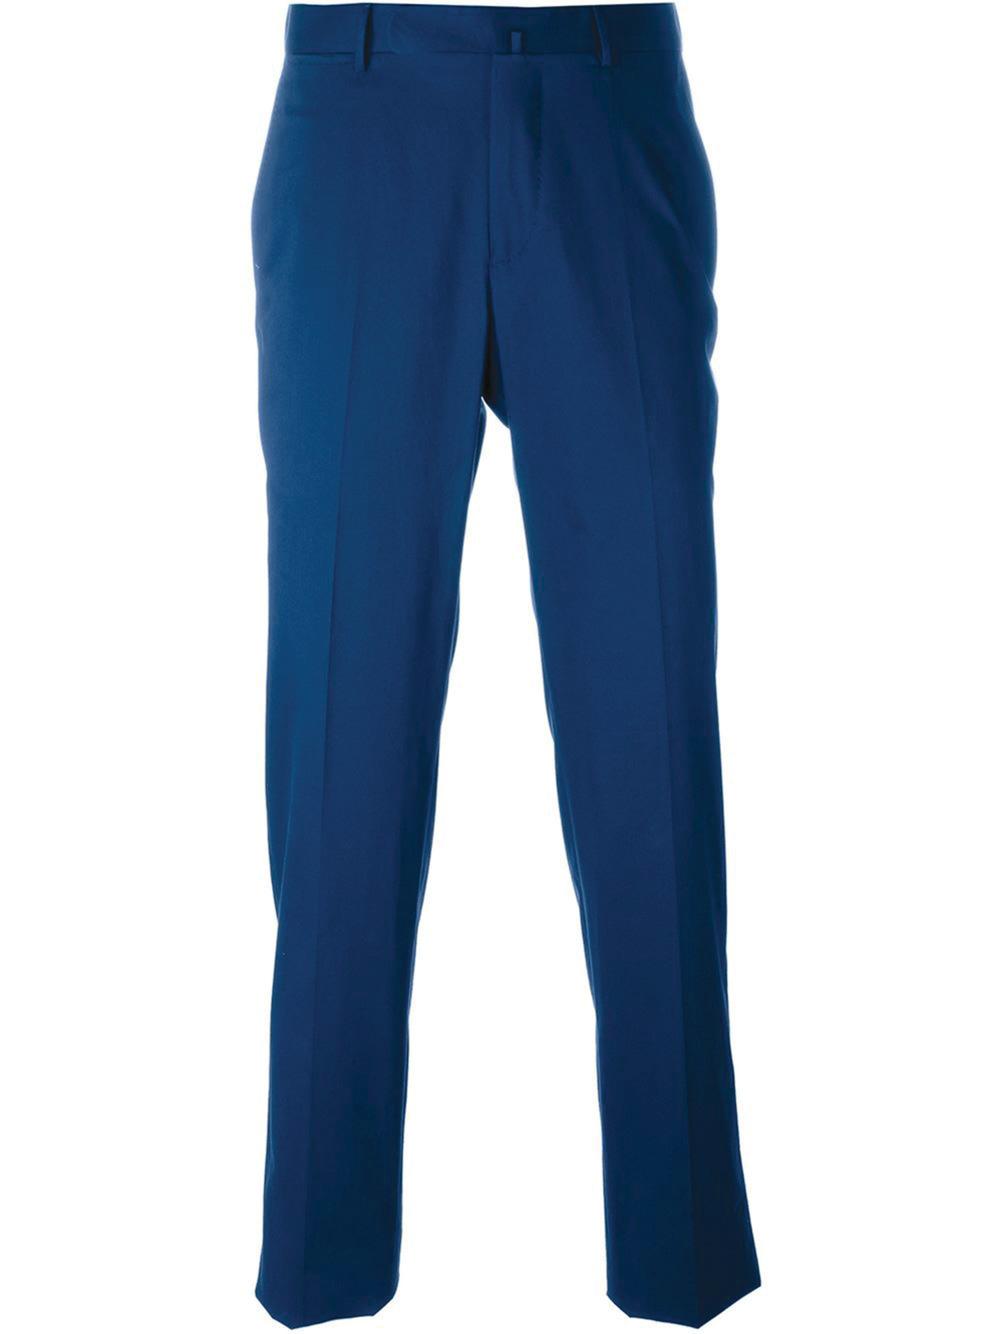 Ermenegildo Zegna Tailored Trousers $590